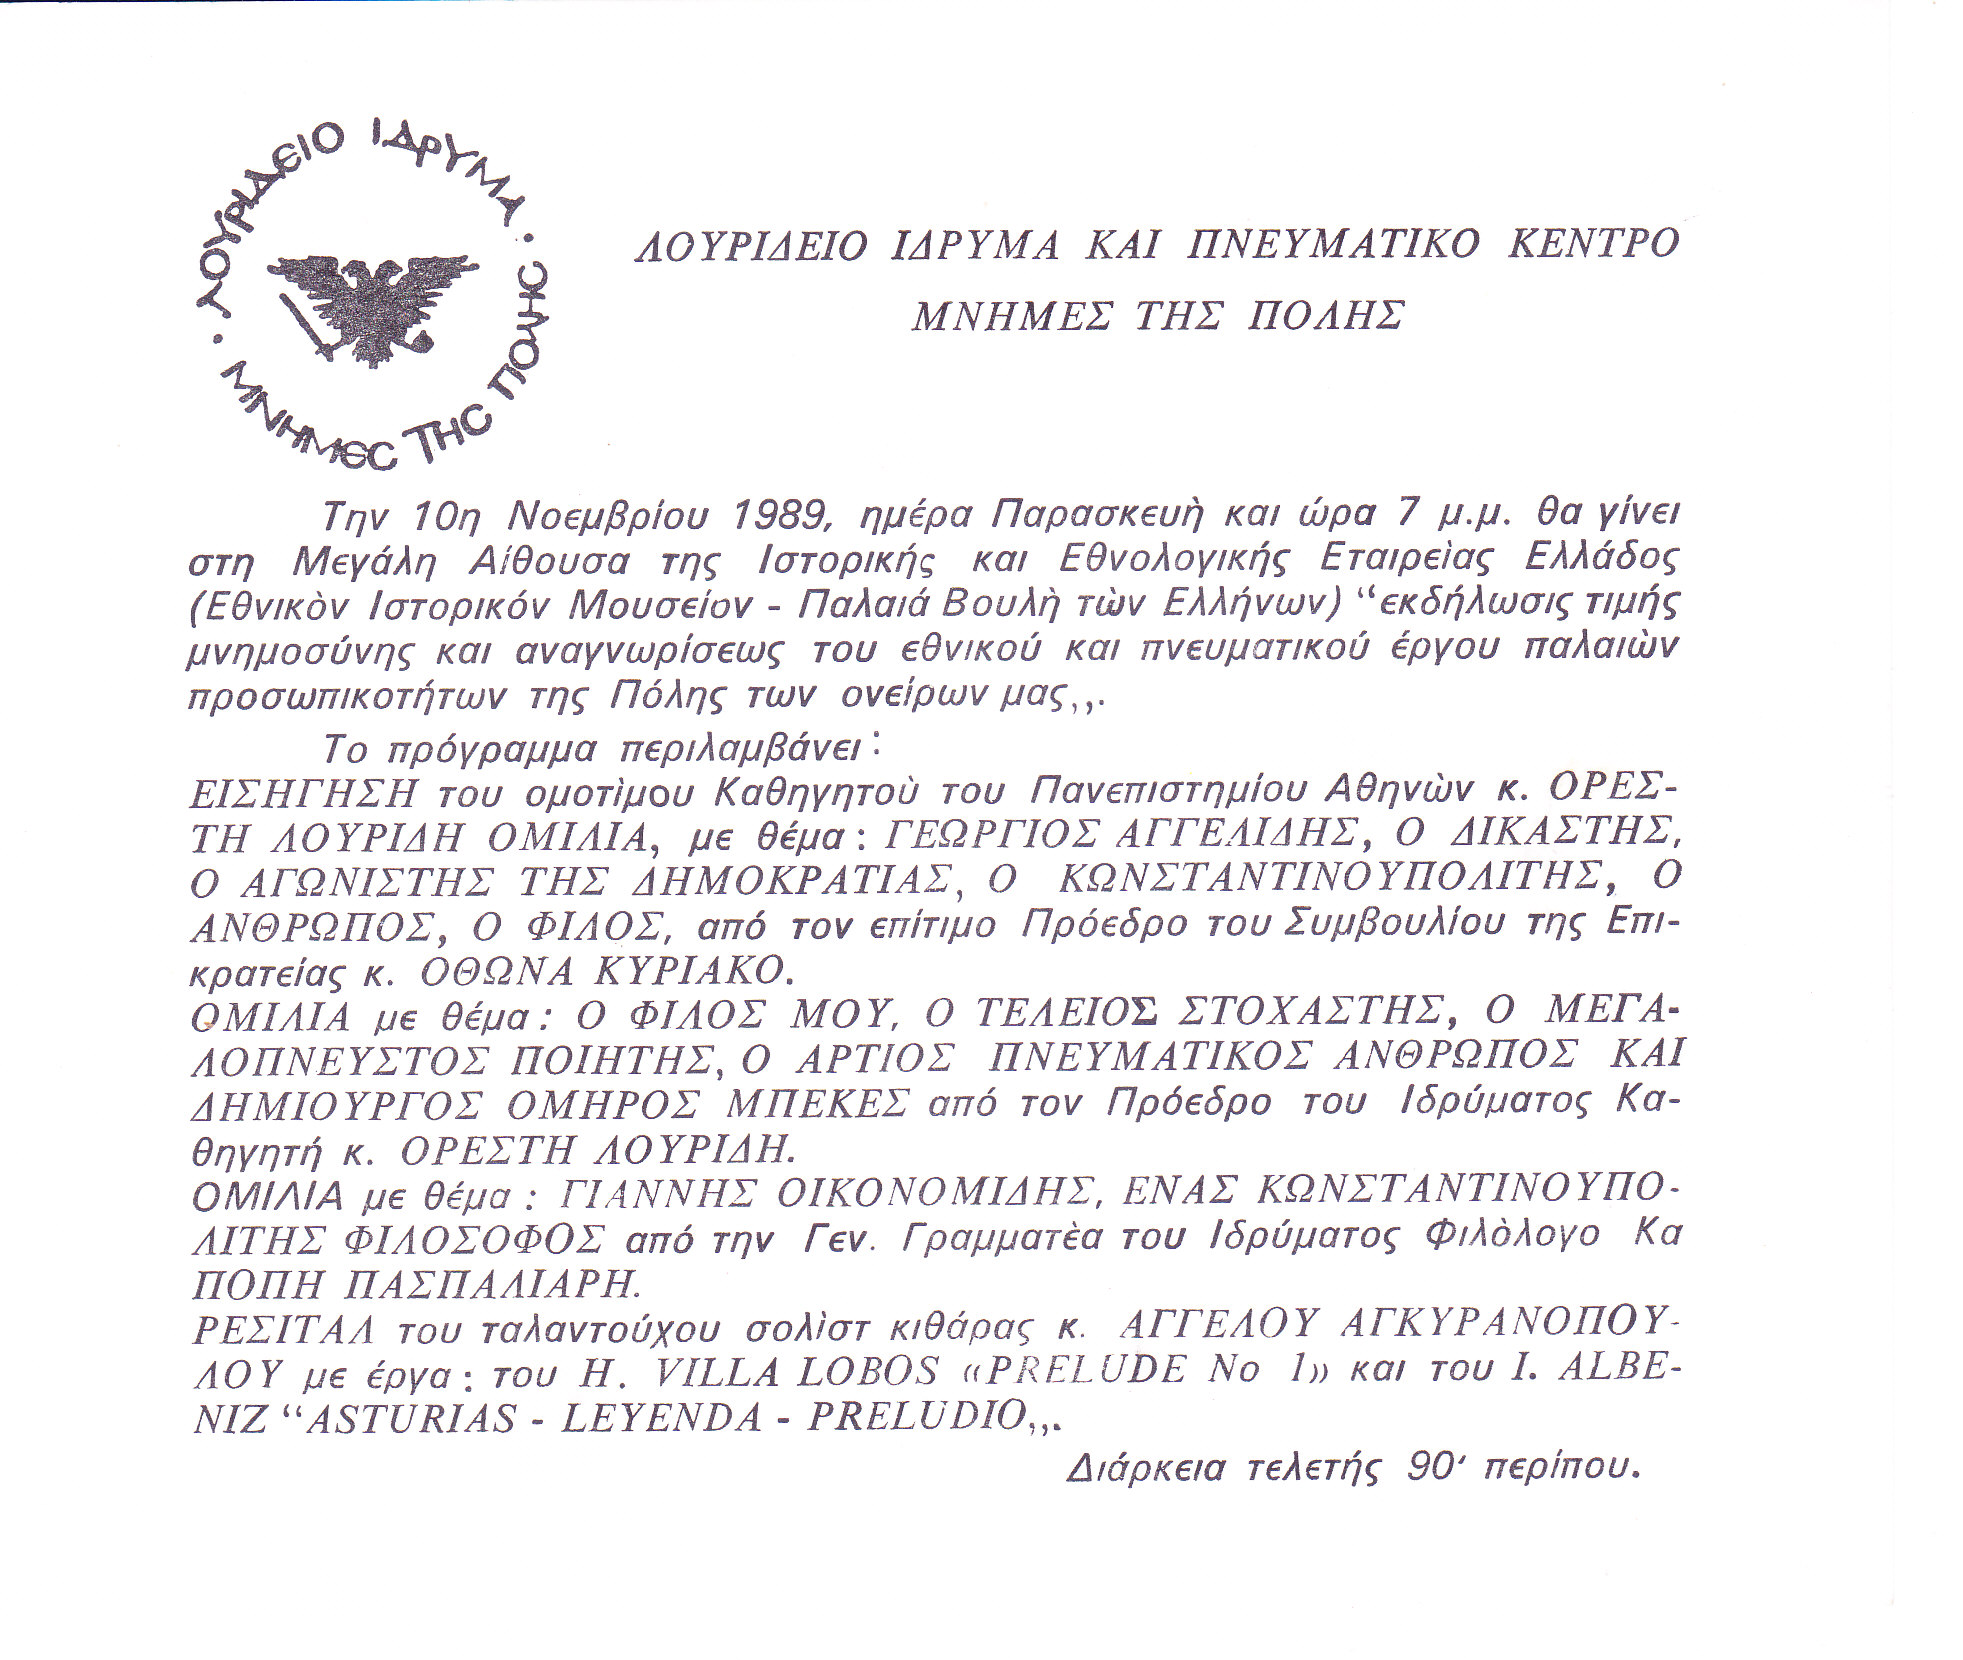 Παλαιά Βουλή των Ελλήνων 10.7.1989